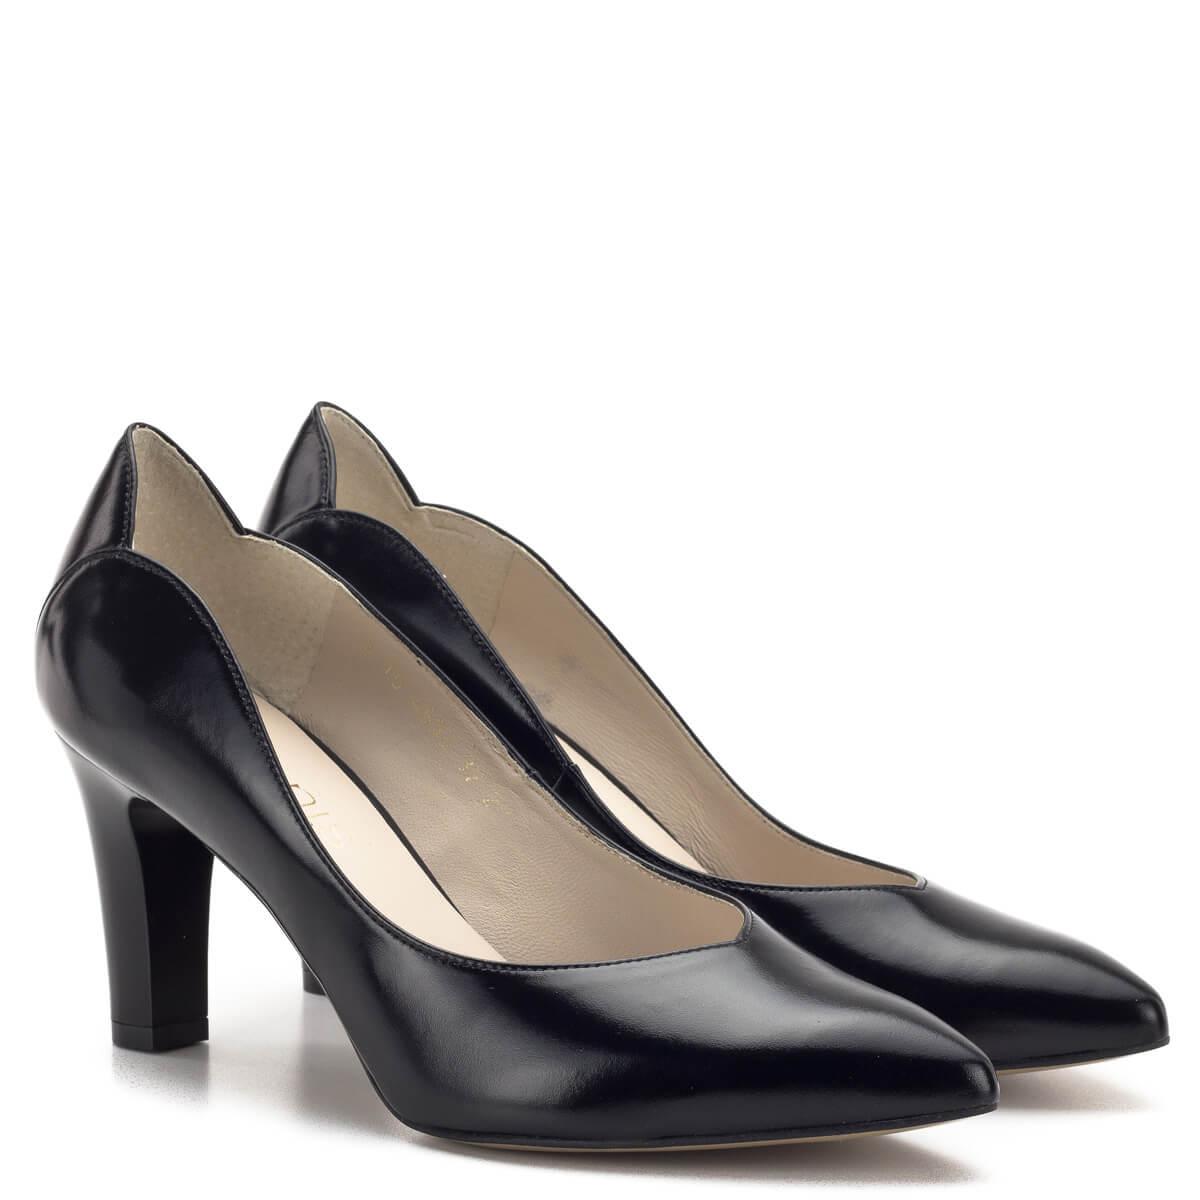 56735358f9 Akciós cipő, akciós szandál, akciós csizma, akciós bokacipő, cipő kiárusítás